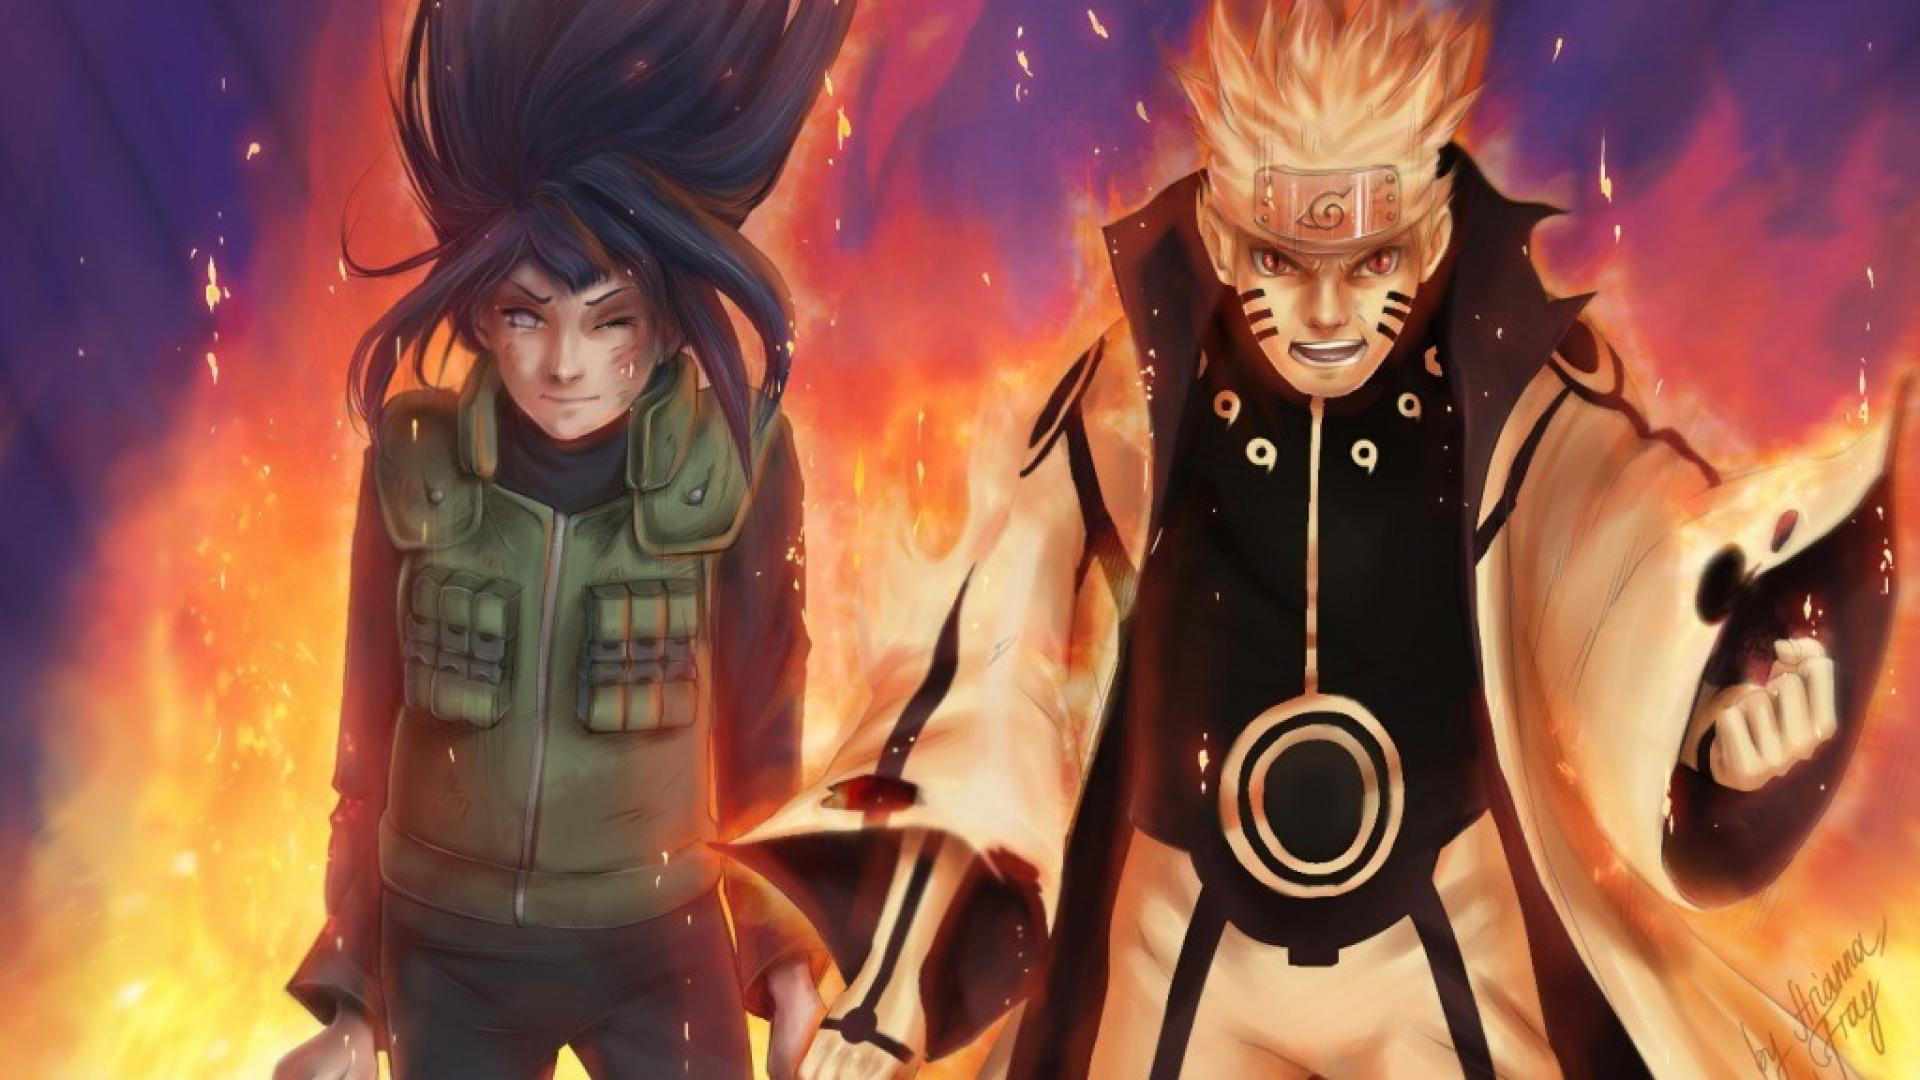 Naruto and hinata wallpaper hd Group 79